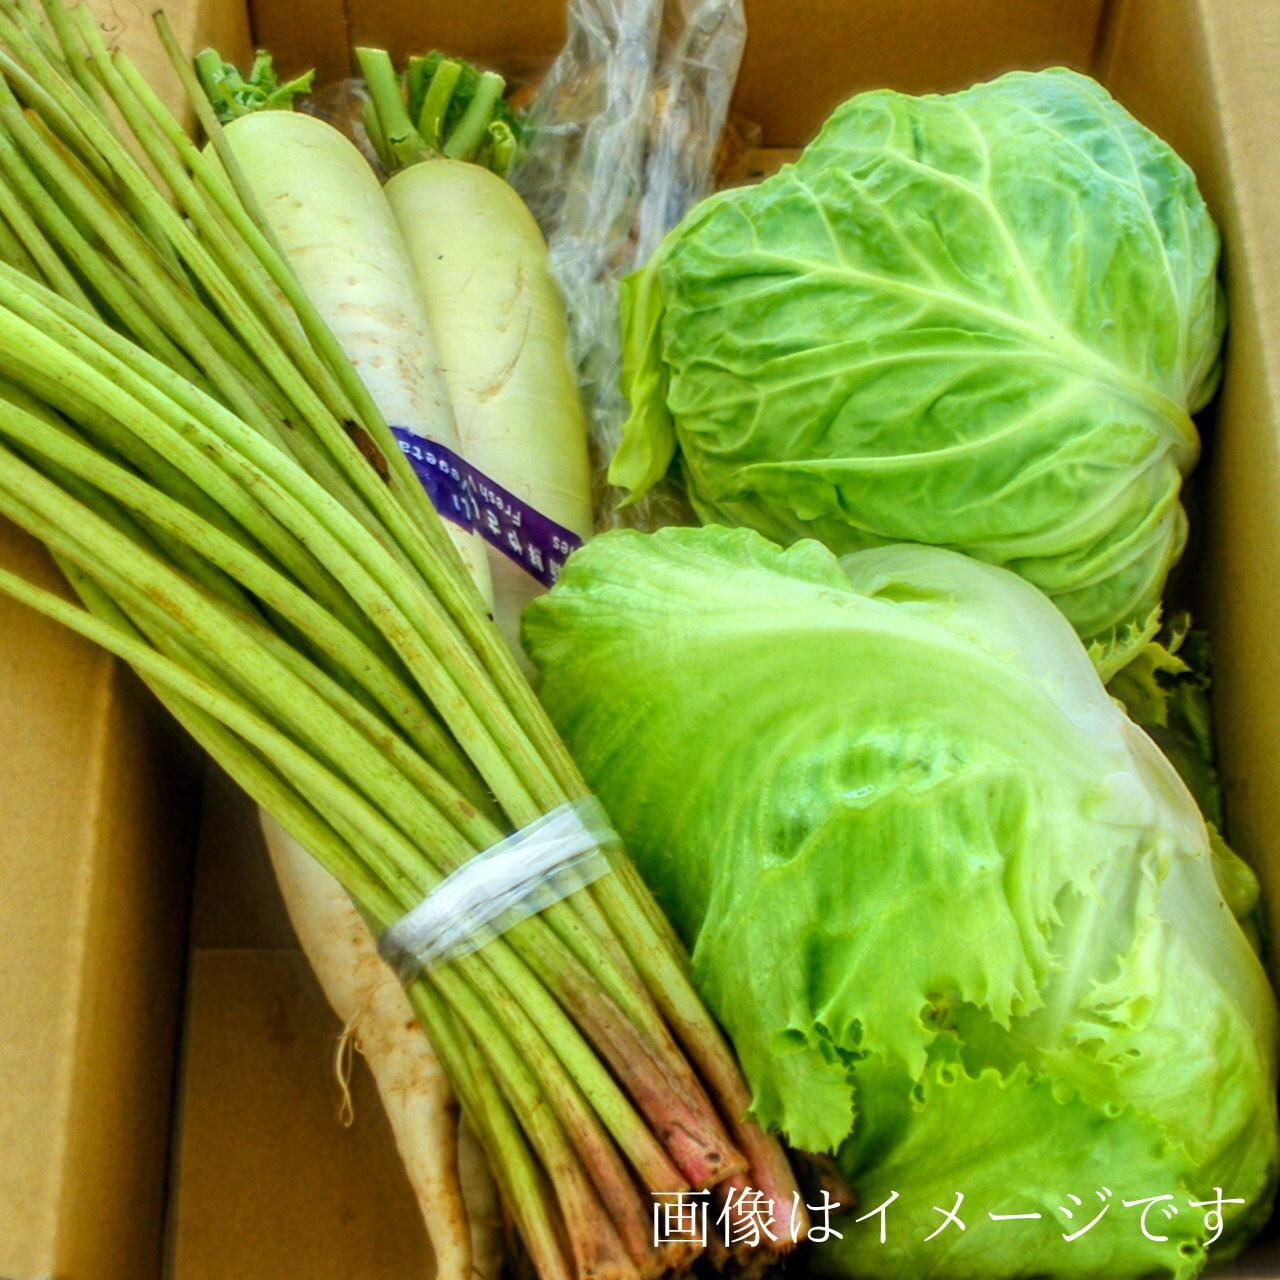 送料無料 6月の朝採り直売野菜セット およそ5点セット 毎週土曜日発送予定  【冷蔵便】